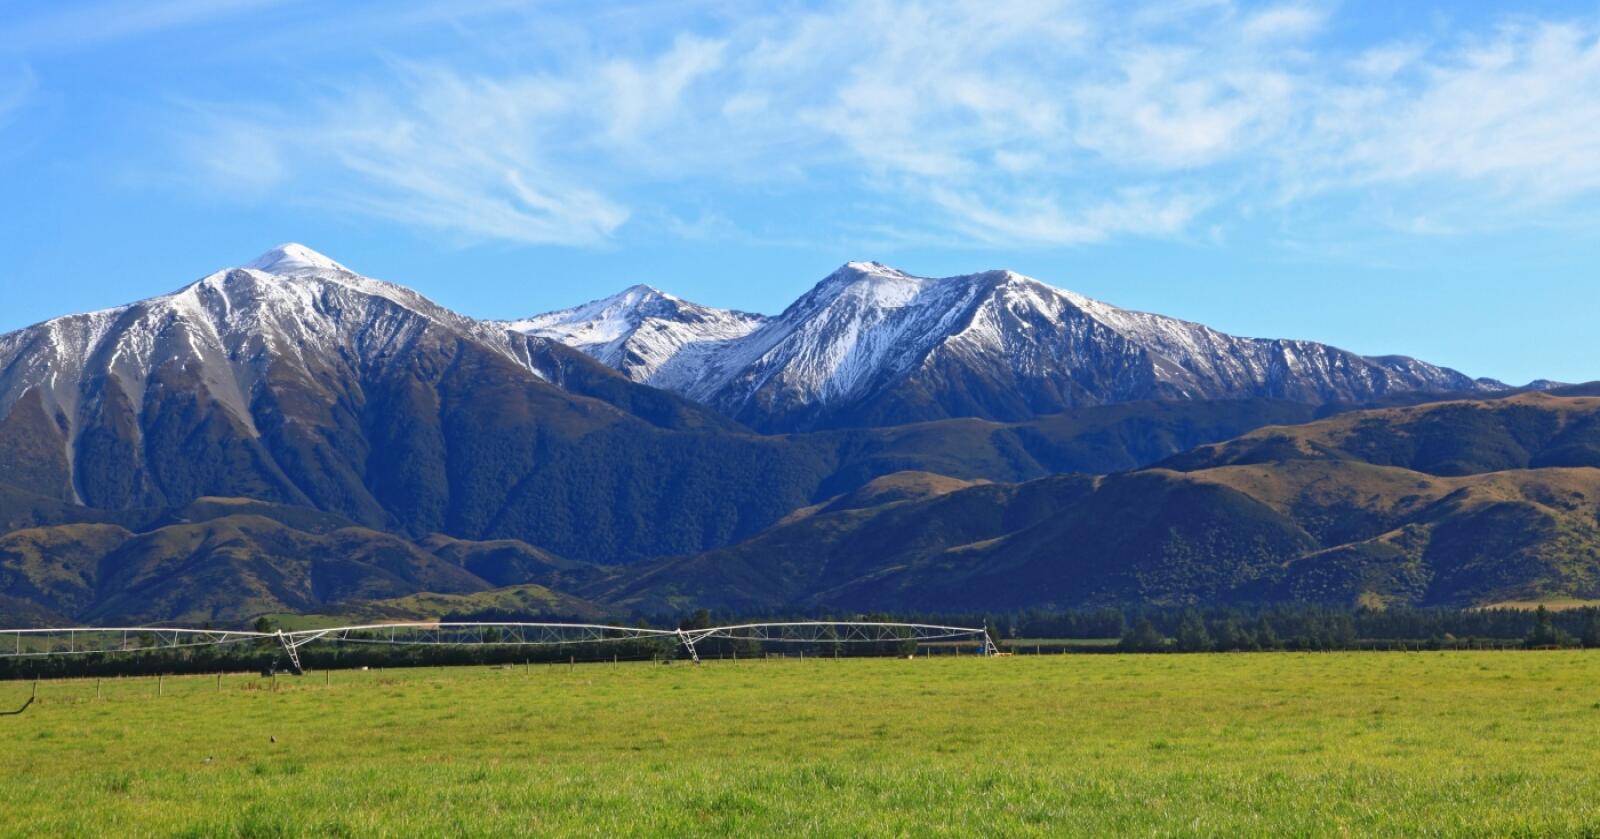 I løpet av over hundre år med registrering av temperaturene på New Zealand har landet aldri opplevd en varmere junimåned enn i 2021. Foto: Vichaya Kiatying-Angsulee/Mostphotos